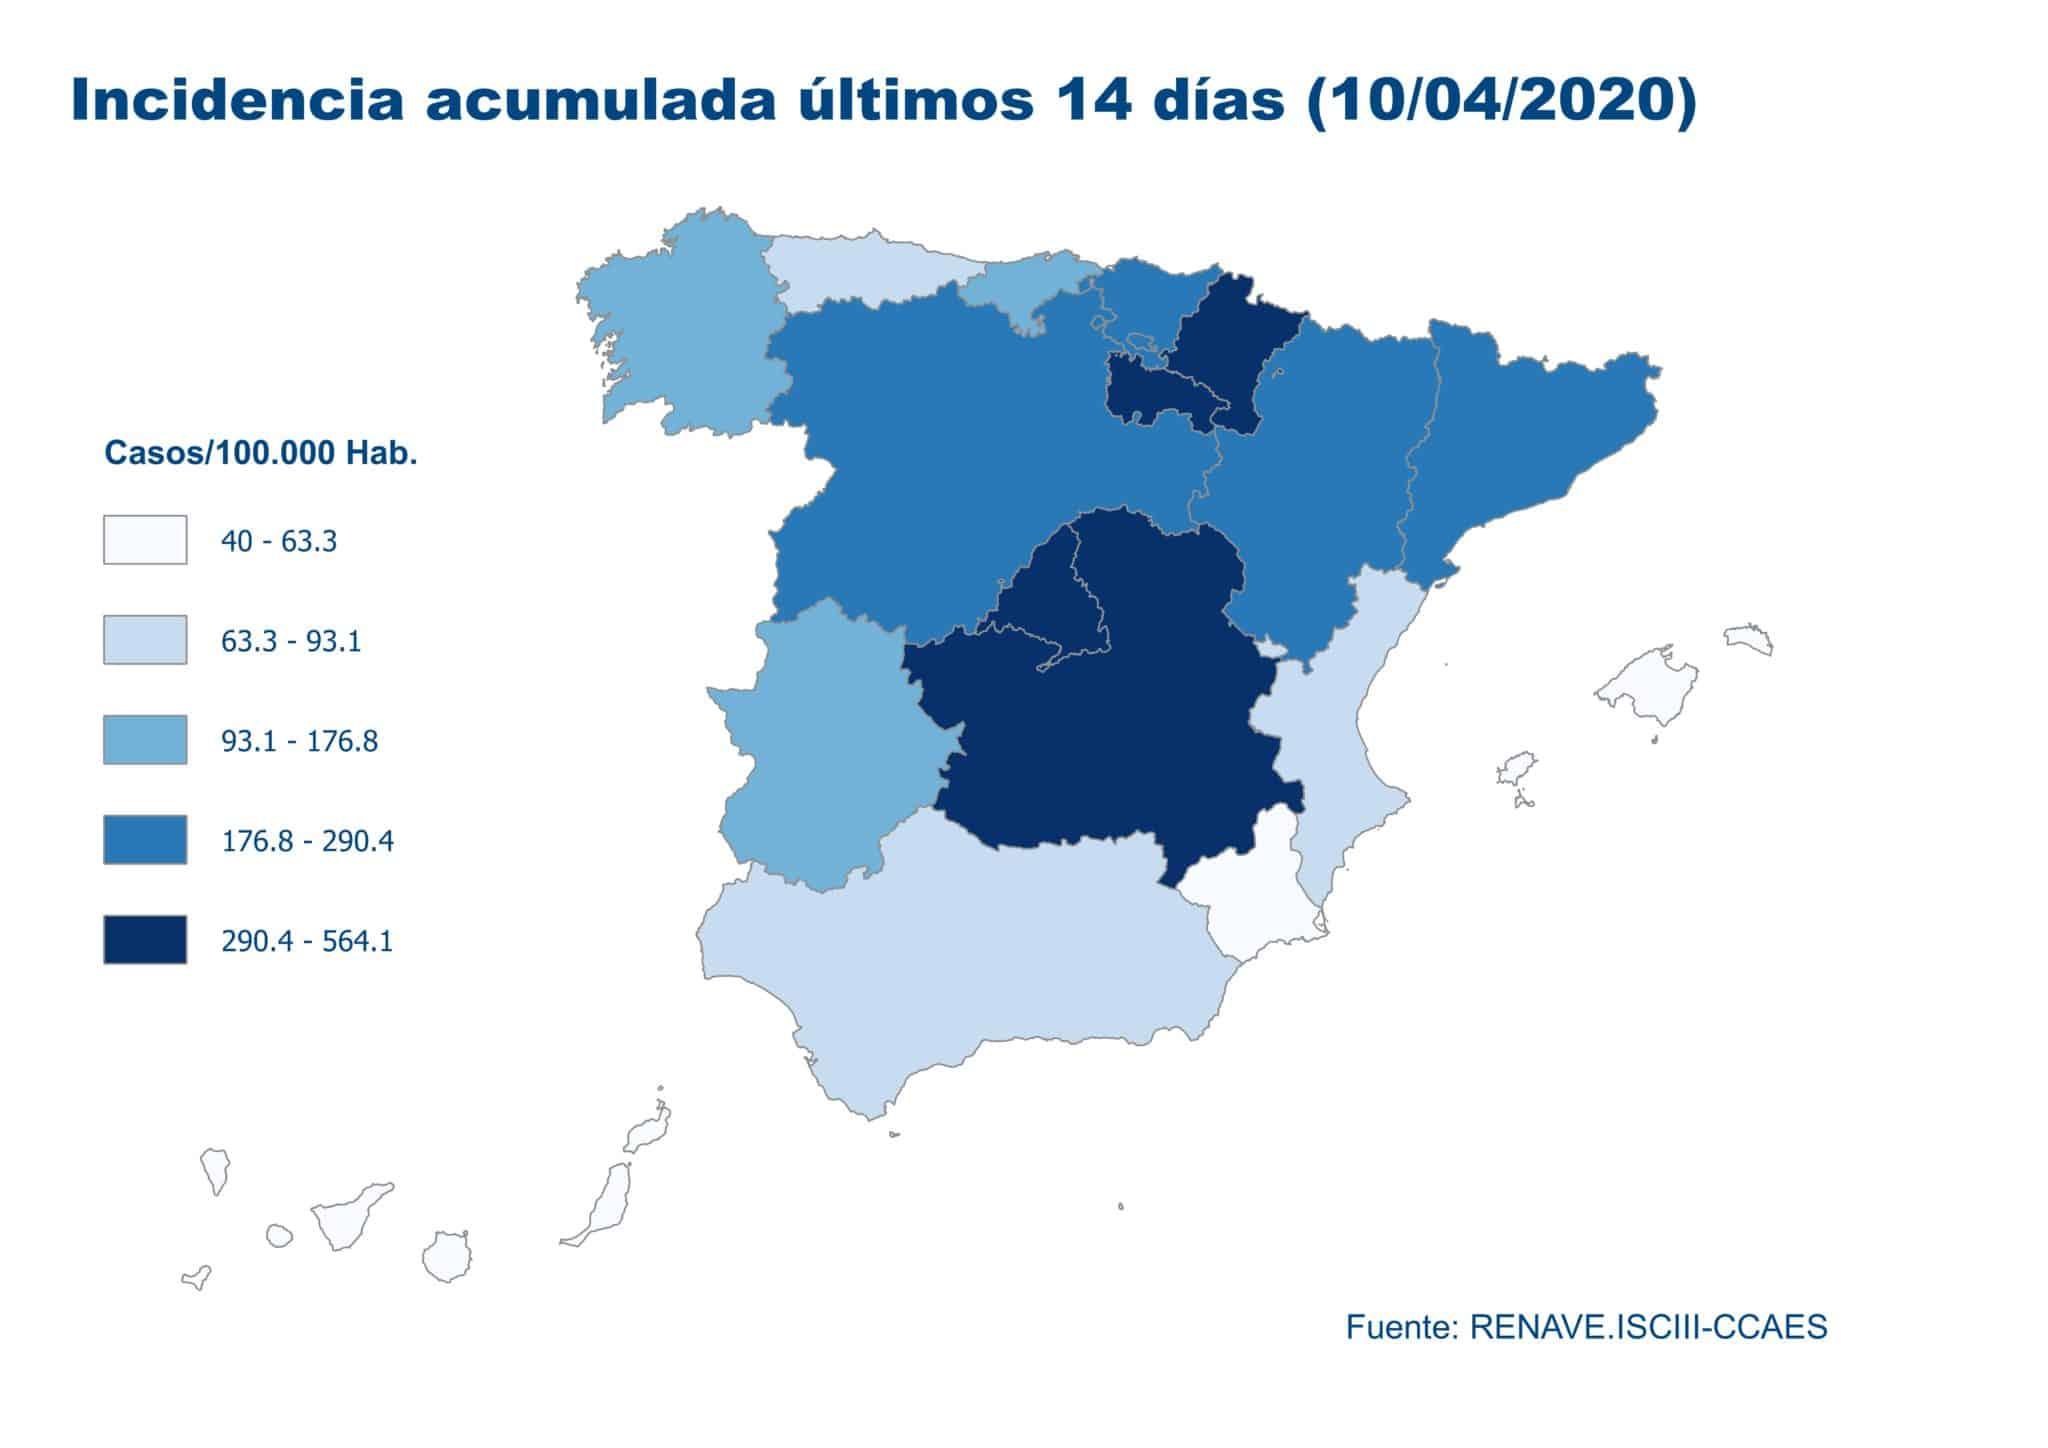 La Rioja sufre 11 nuevas muertes por COVID-19 y suma 147 casos positivos más 3